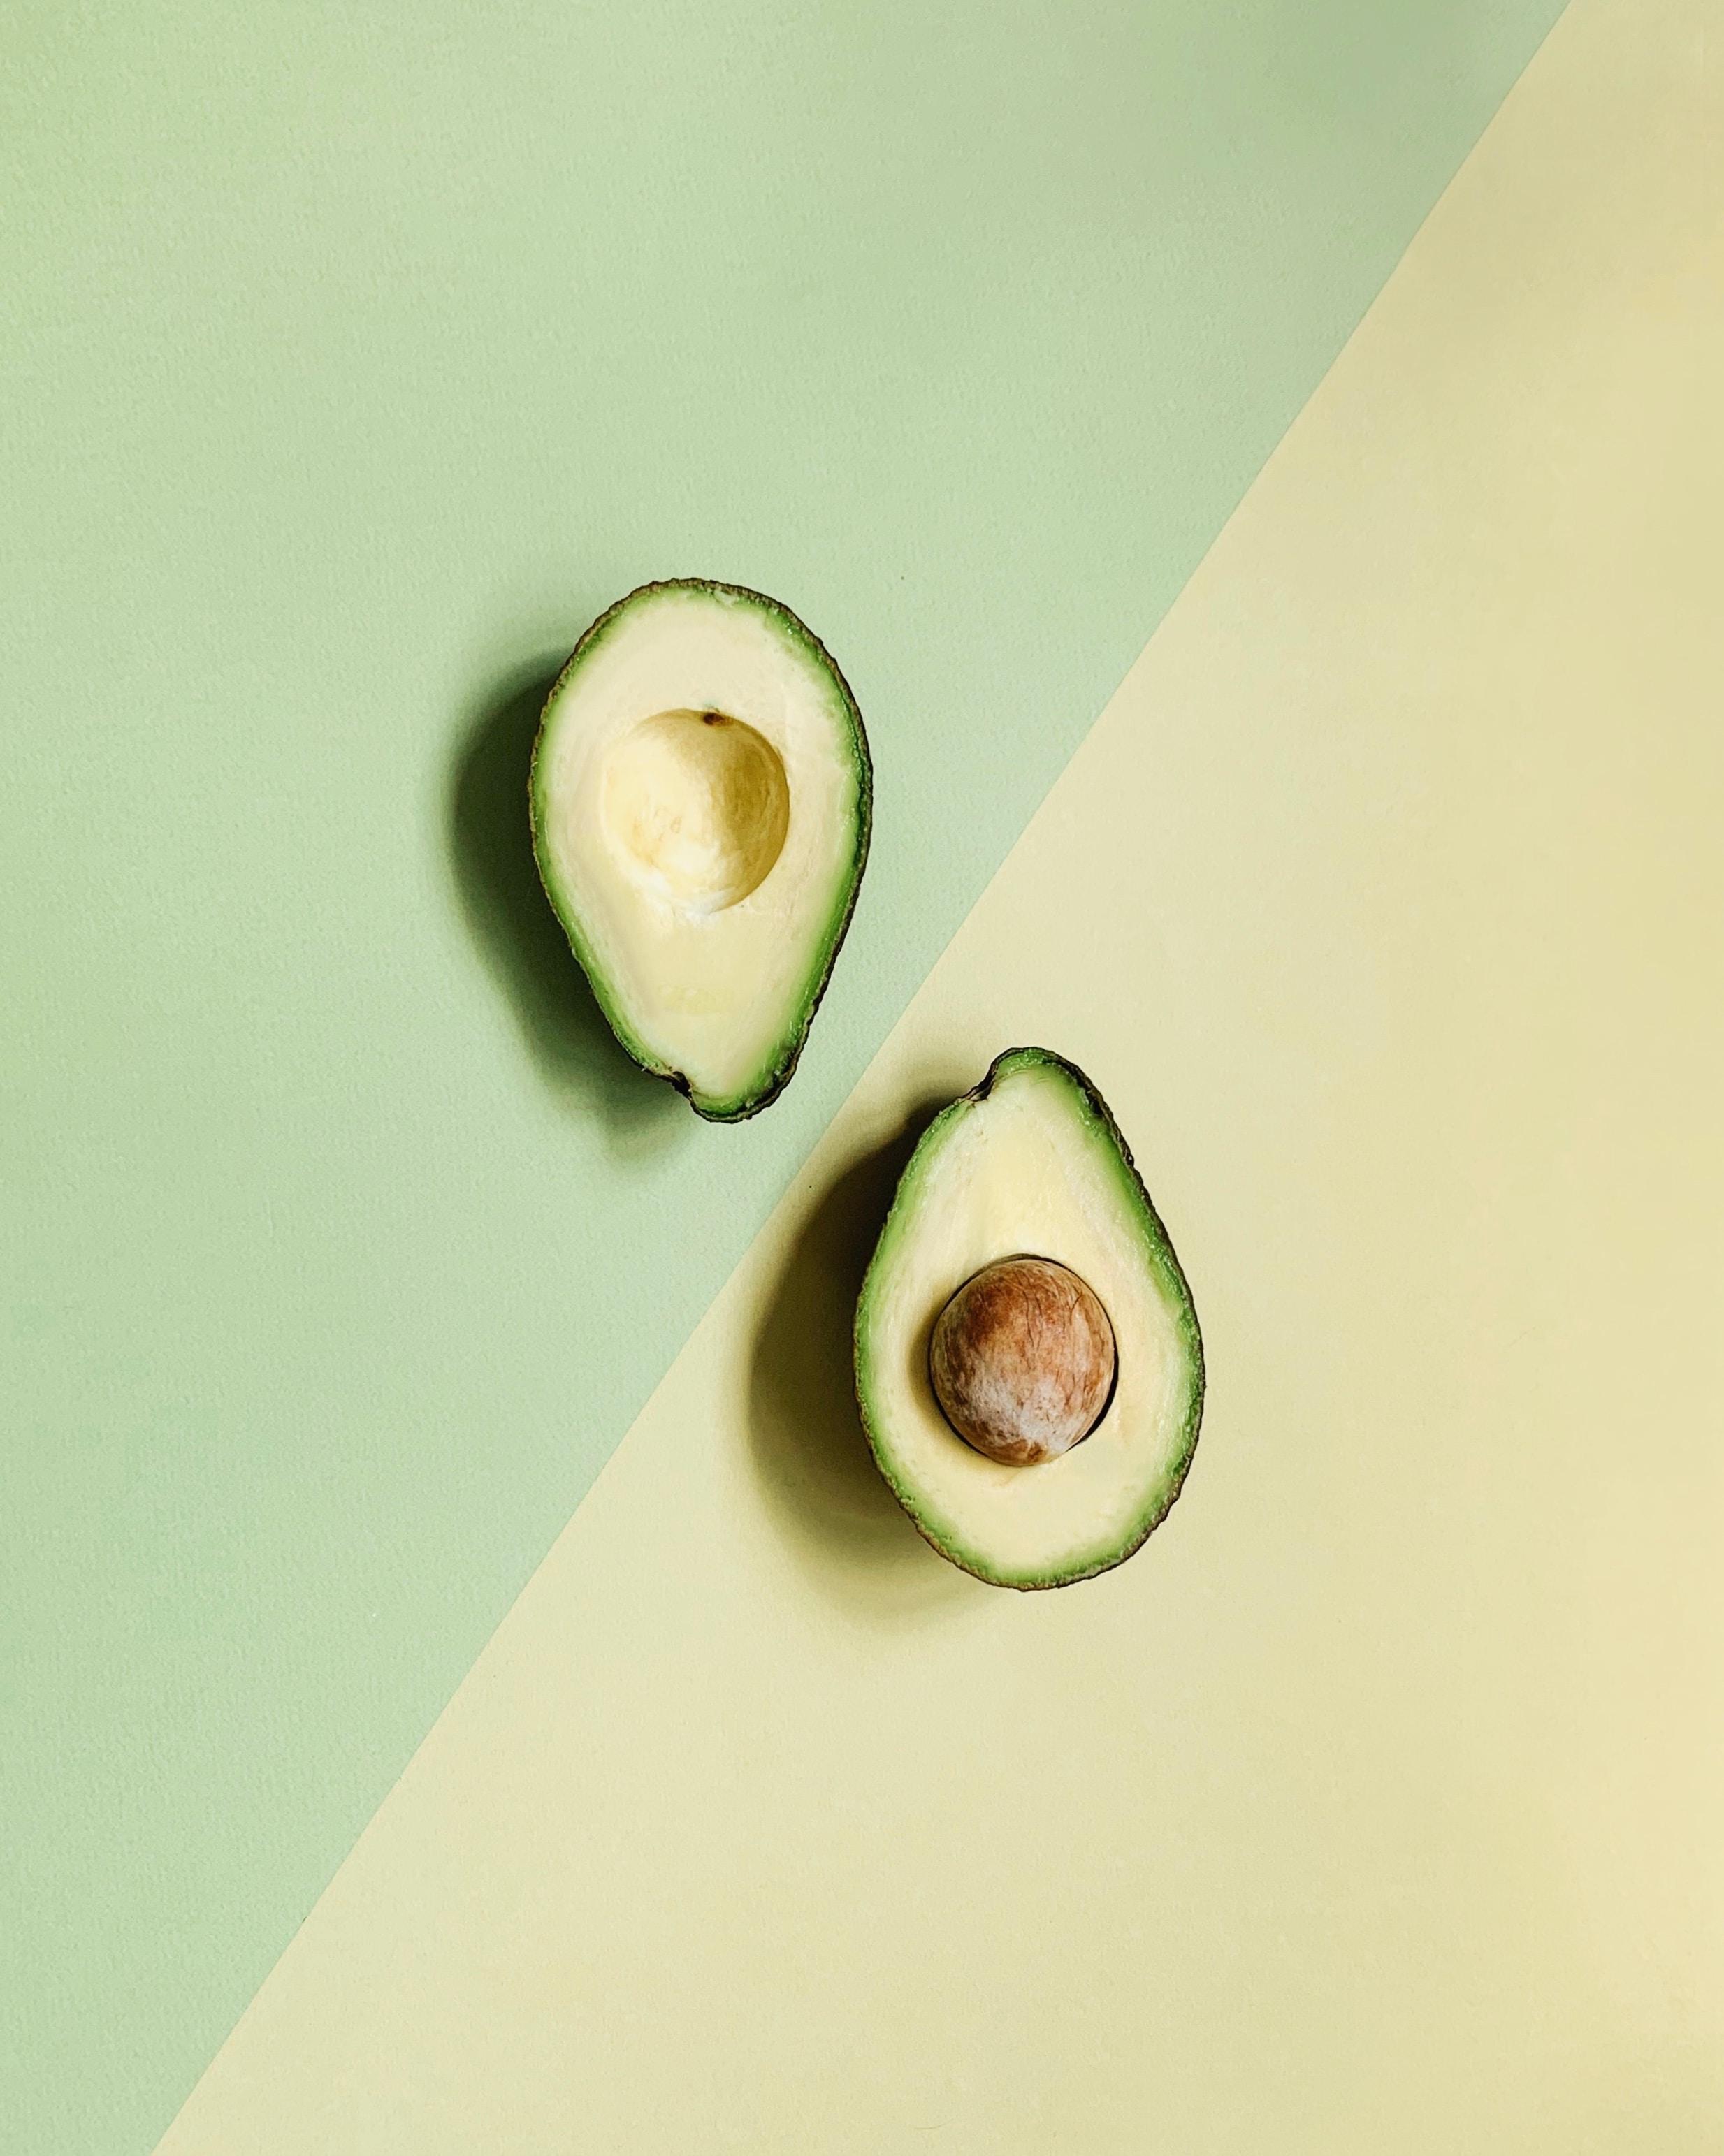 Avocado - Heart Healthy